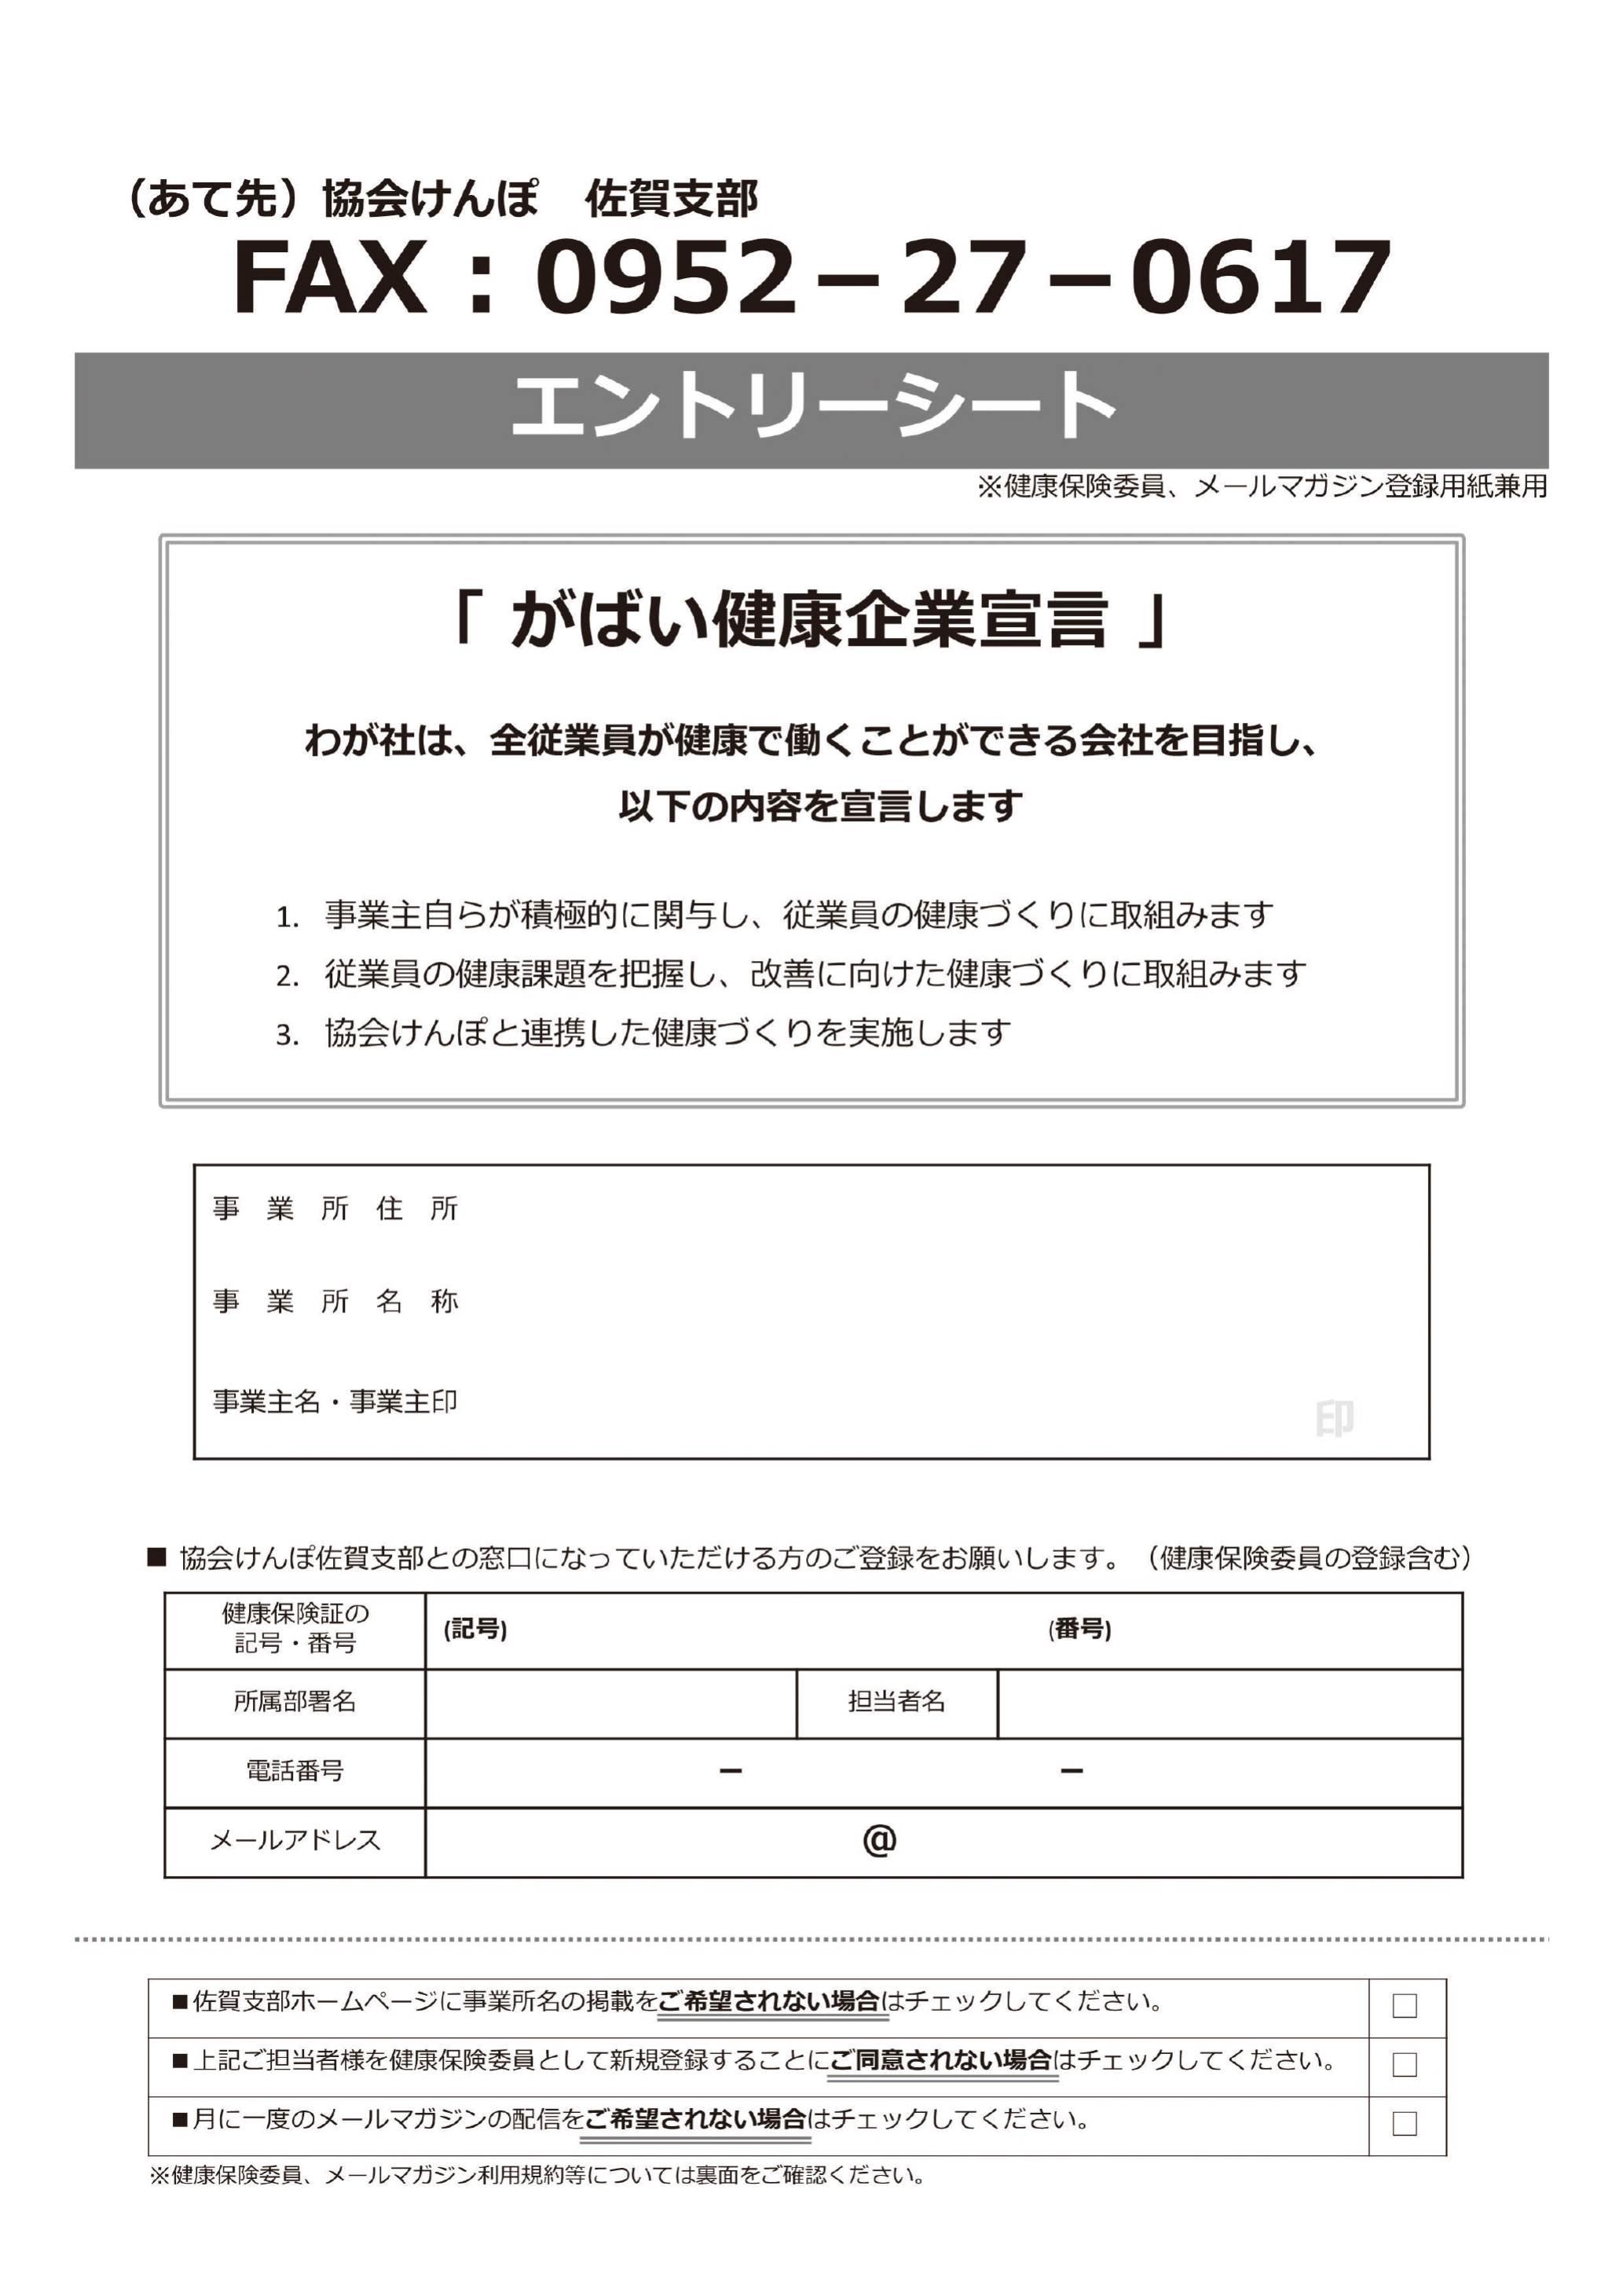 メール エントリー シート 【エントリーシートのメール】正しい送り方や作成方法をご紹介